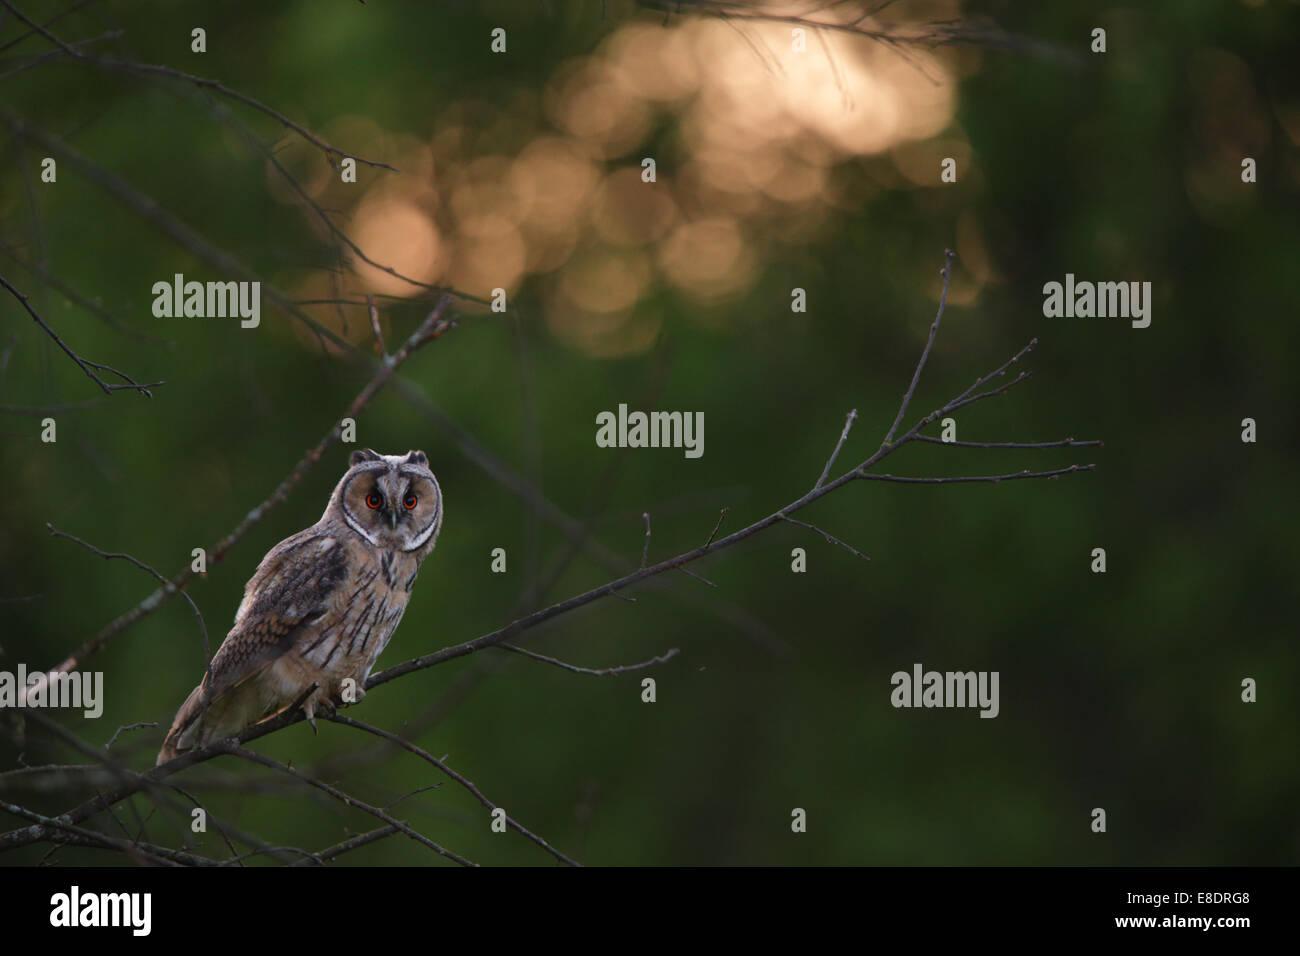 Long-eared Owl (Asio otus) at sunset, Europe - Stock Image